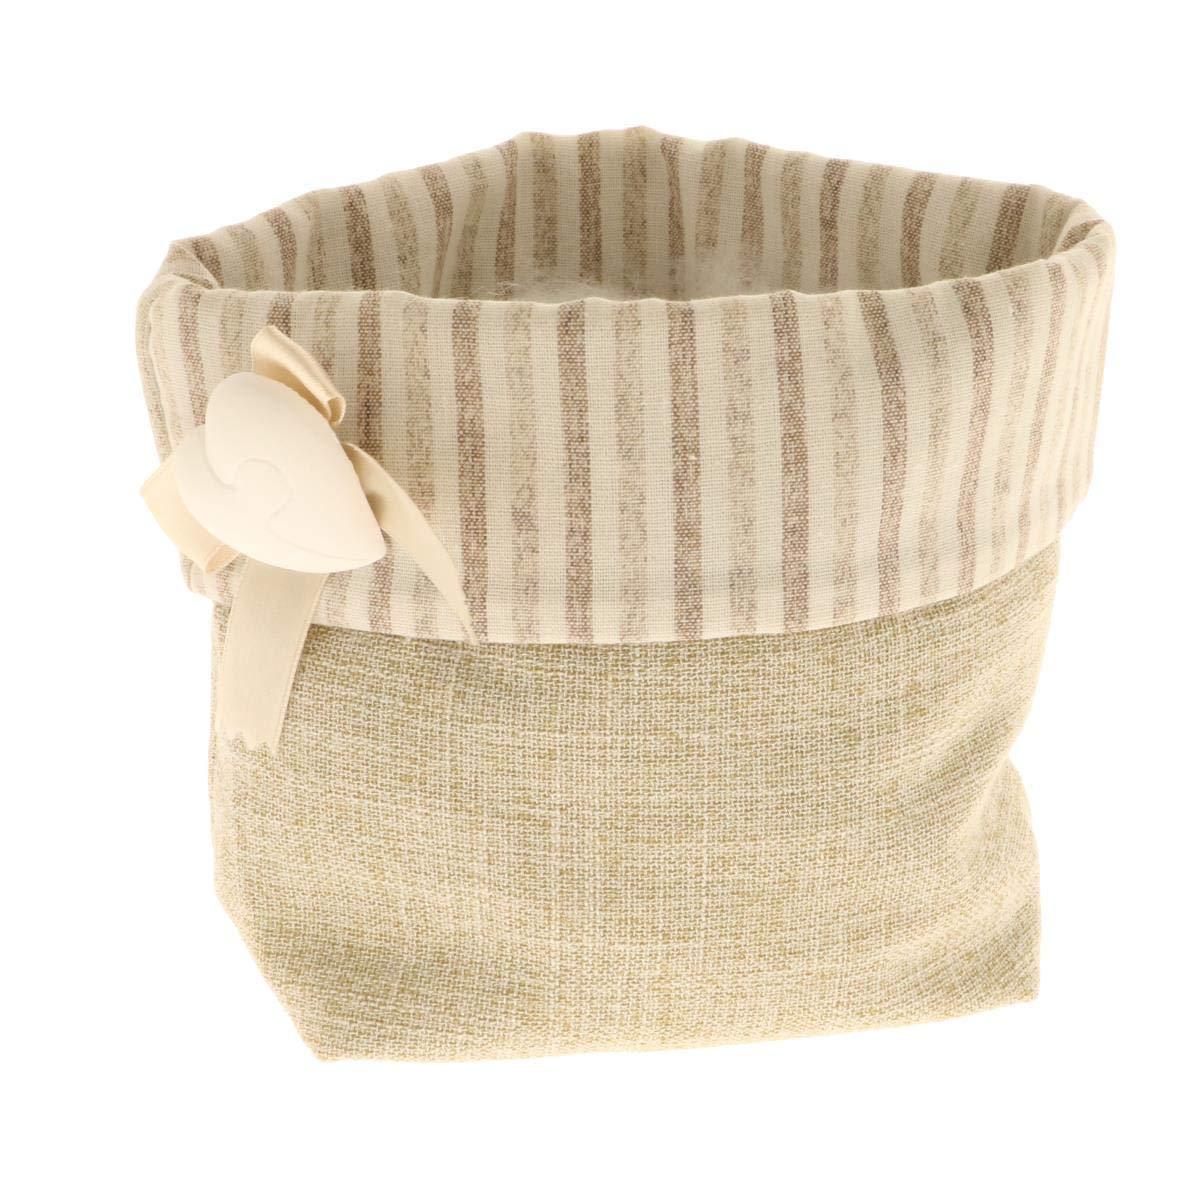 Subito disponibile 6 PEZZI EMMA Sacco sacchetto per confettata design righe con cuore Subitodisponibile